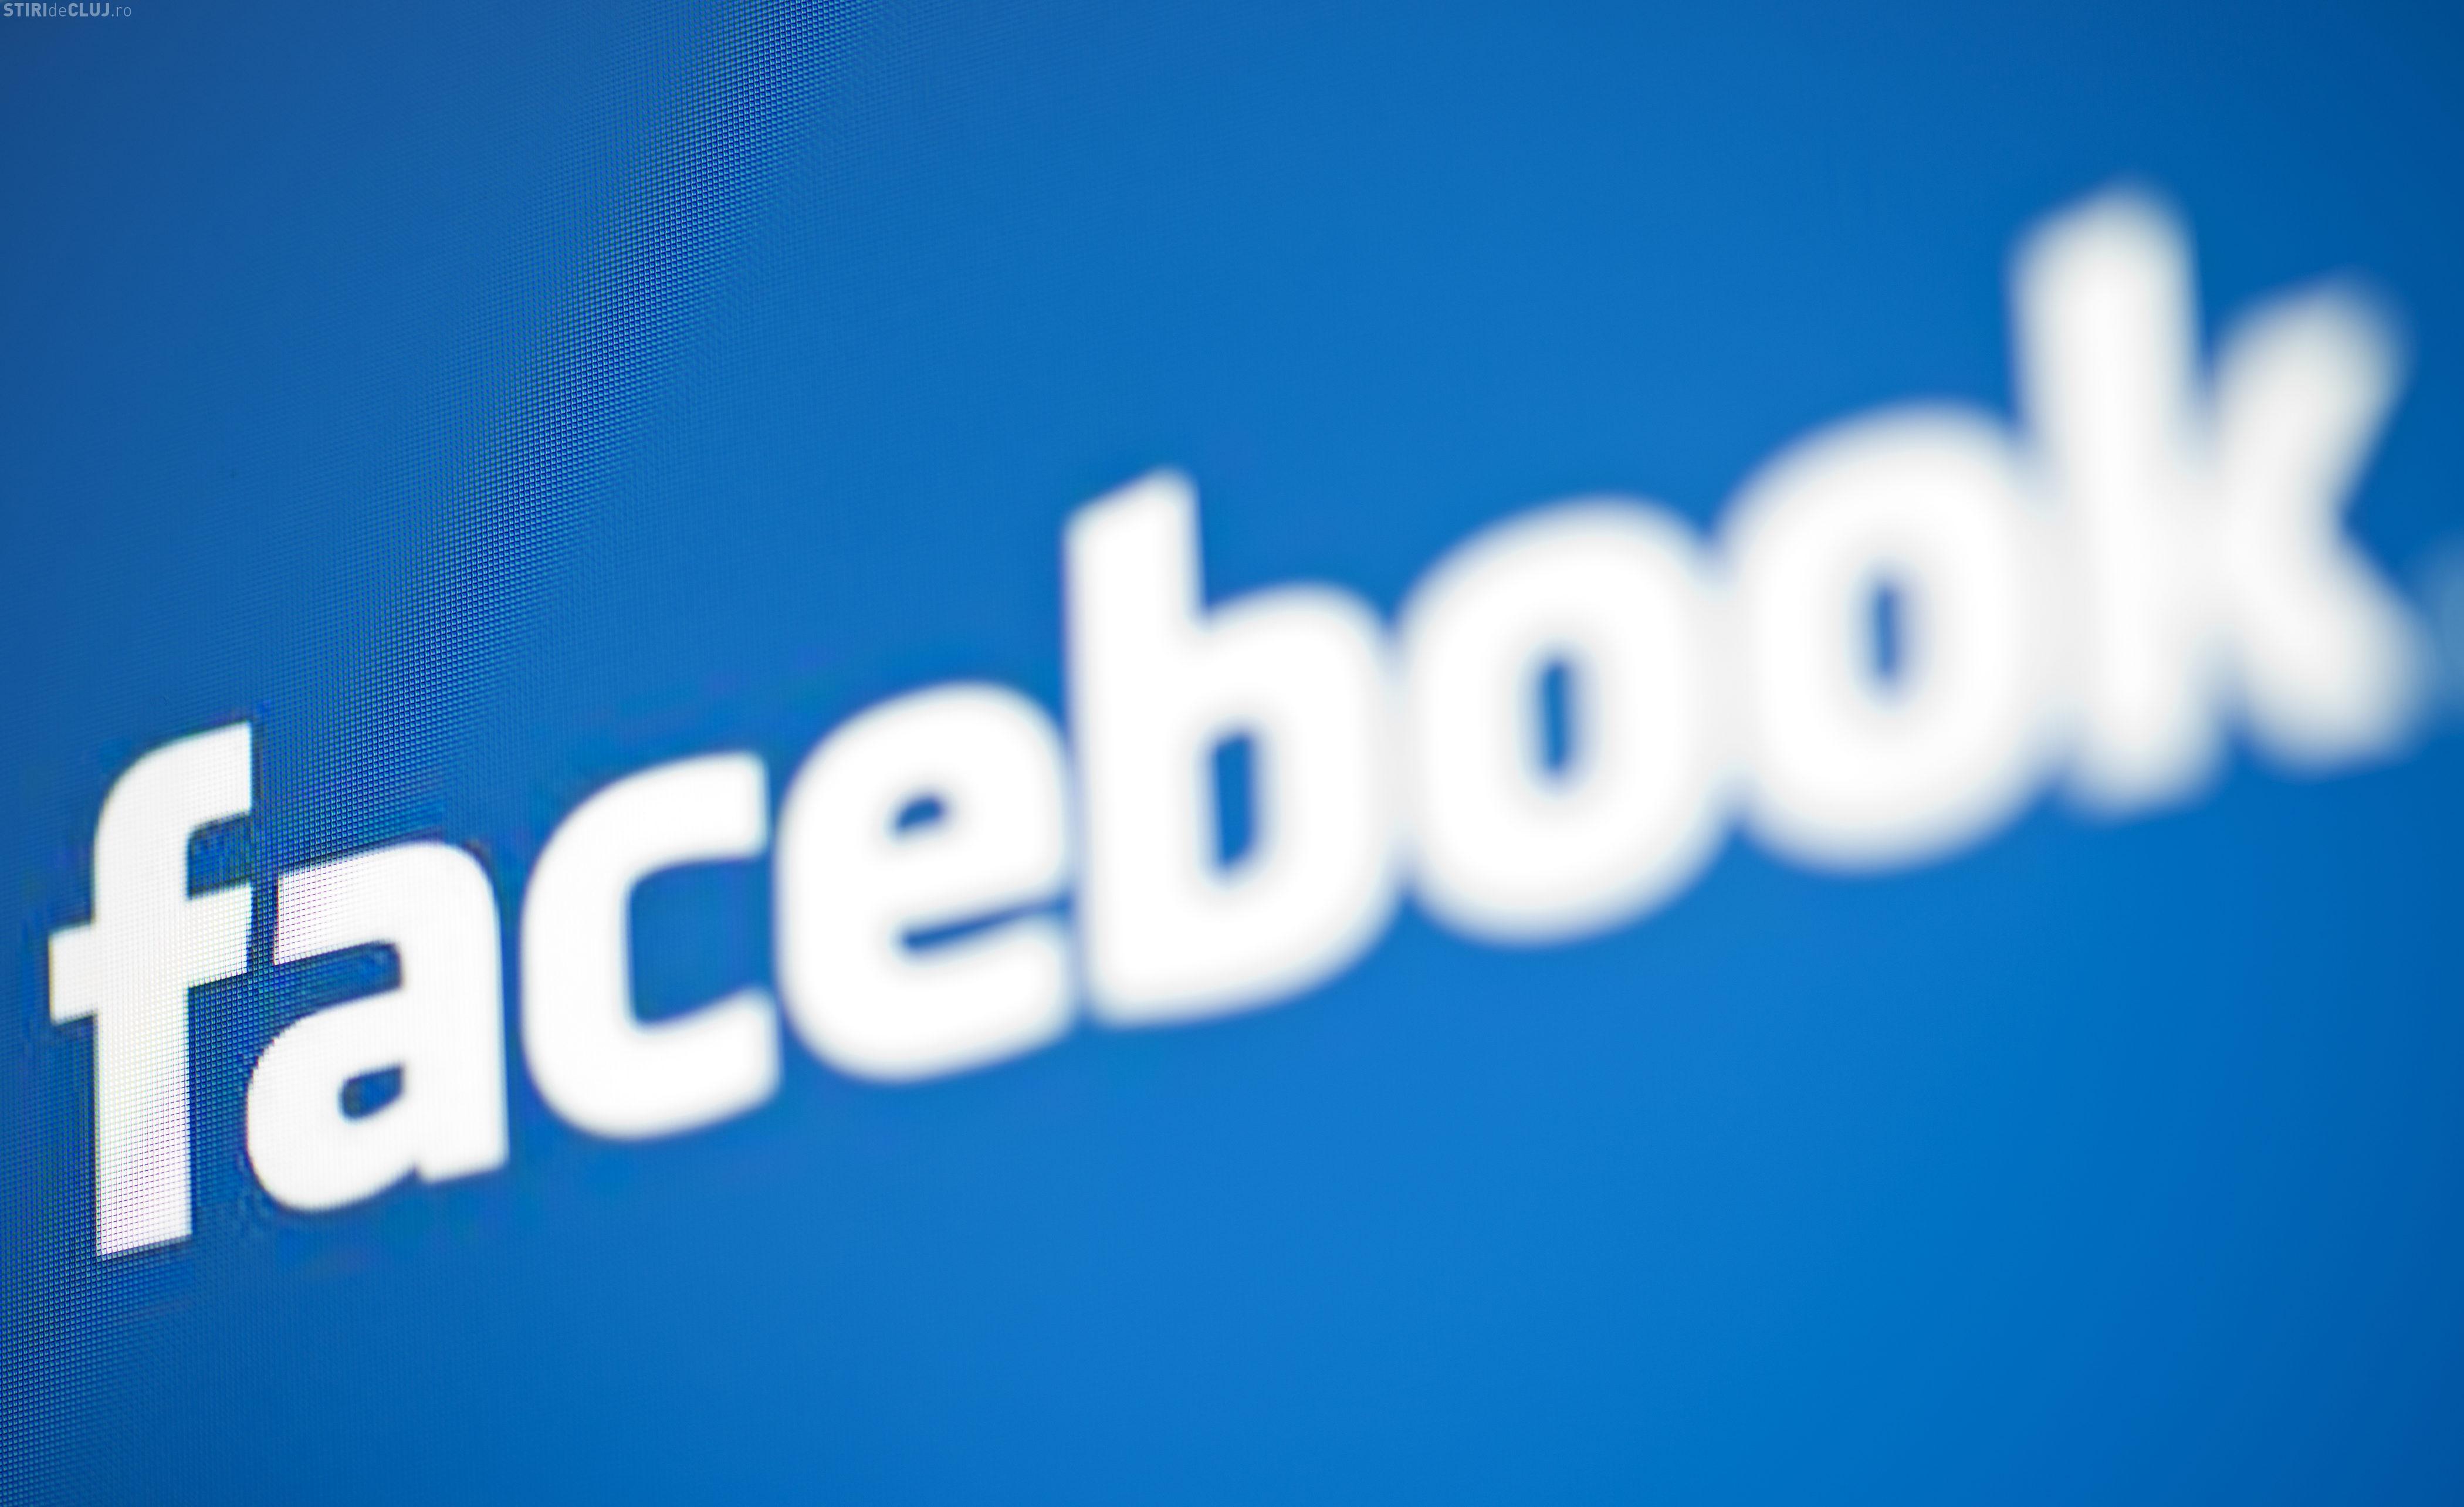 Facebook le-a transmis un mesaj de avertizare utilizatorilor tineri